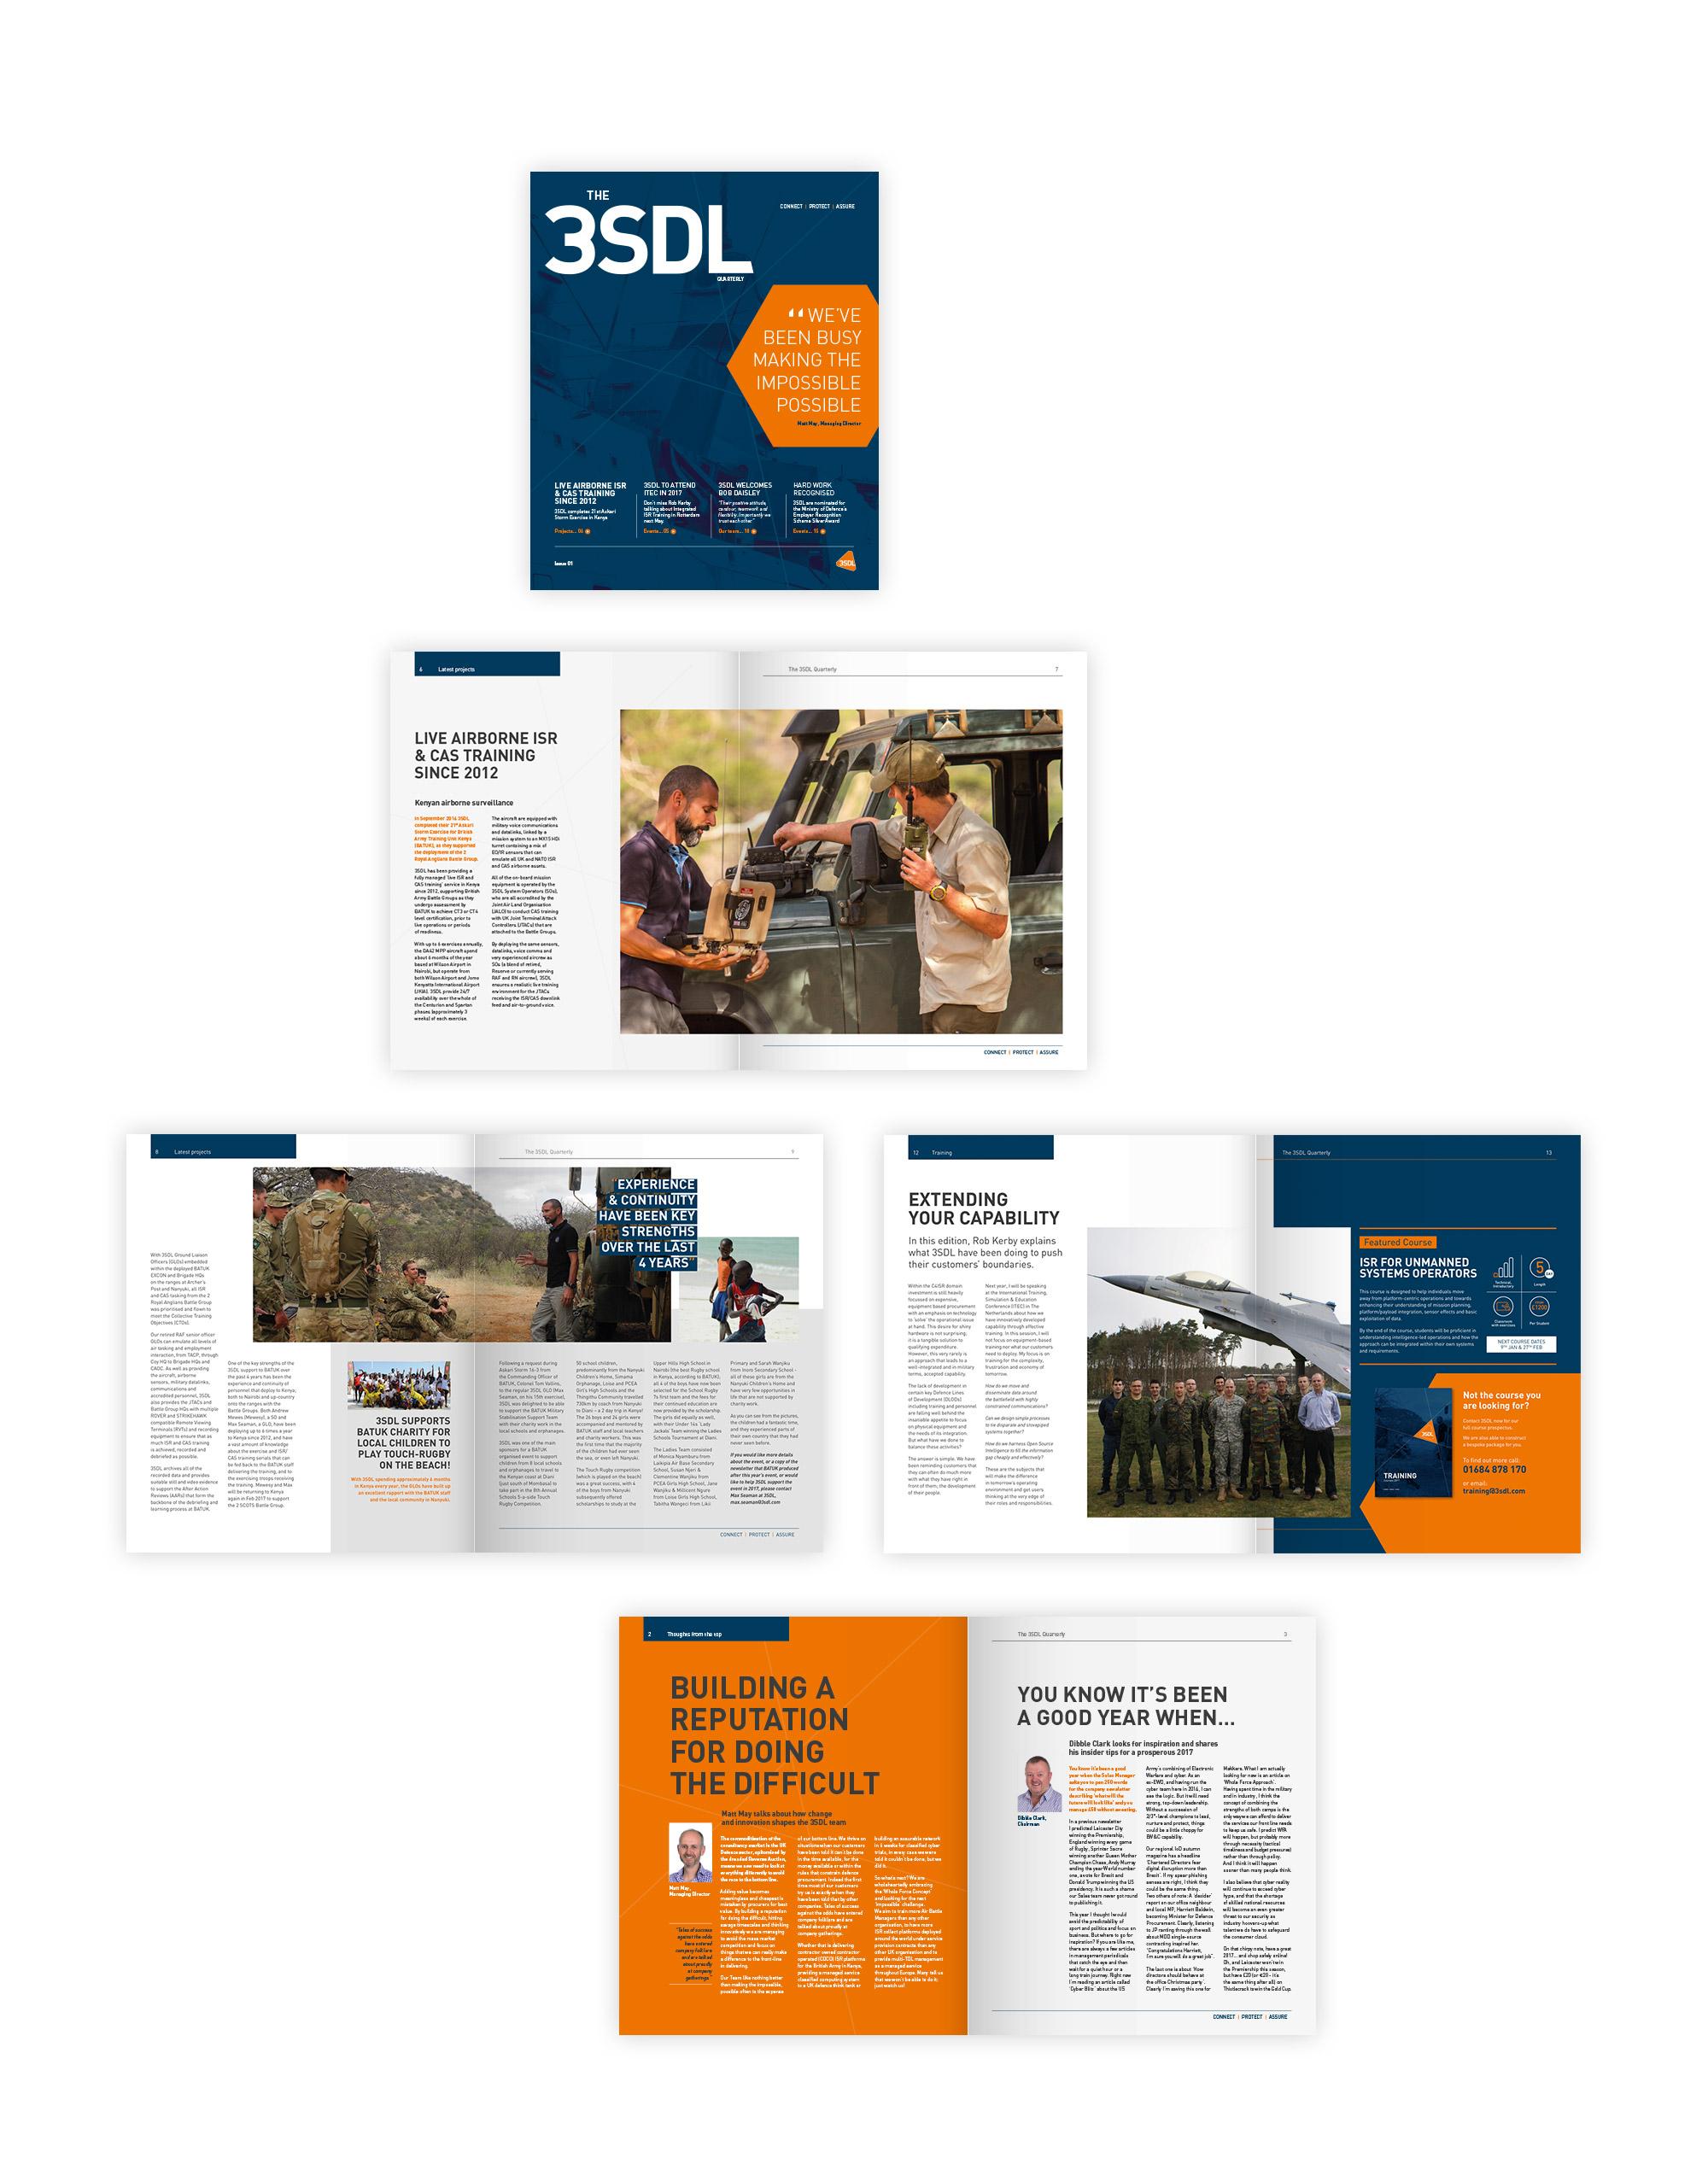 The 3SDL quarterly magazine and newsletter design